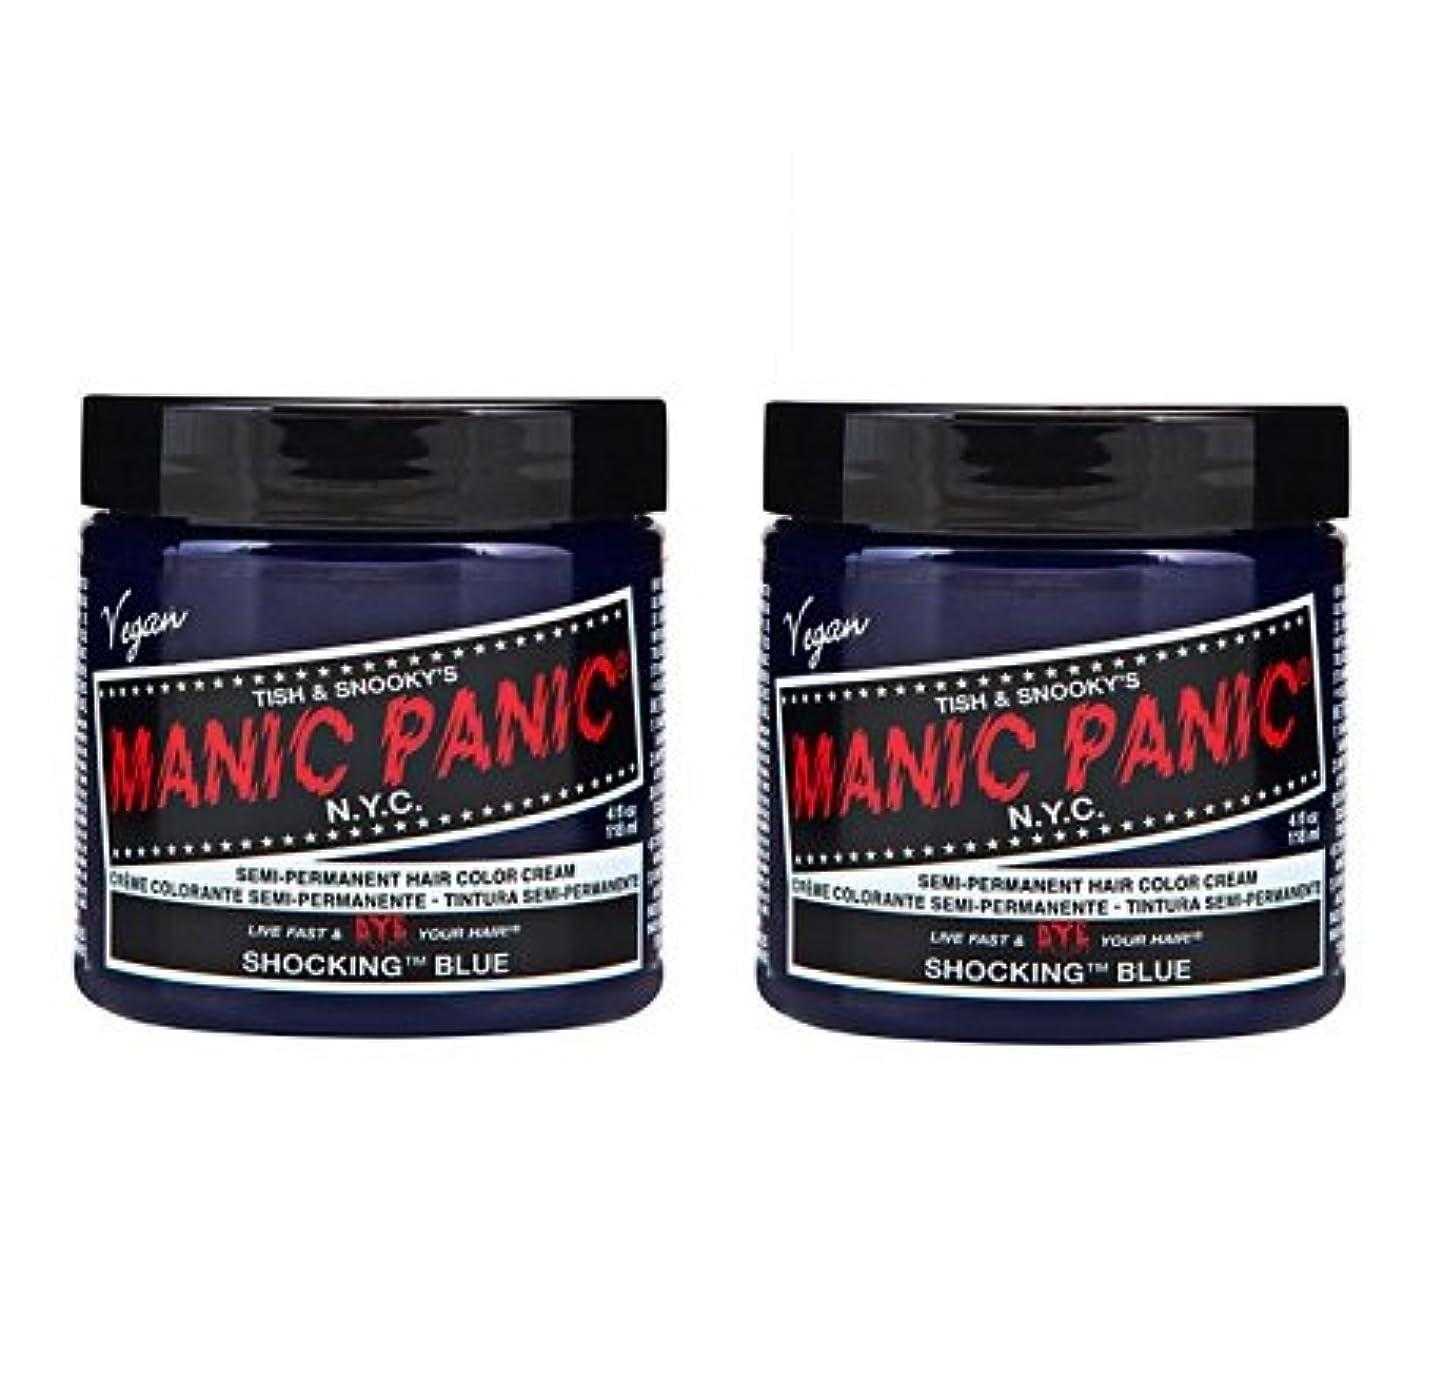 置くためにパック相対サイズ受け入れる【2個セット】MANIC PANIC マニックパニック Shocking Blue ショッキングブルー 118ml